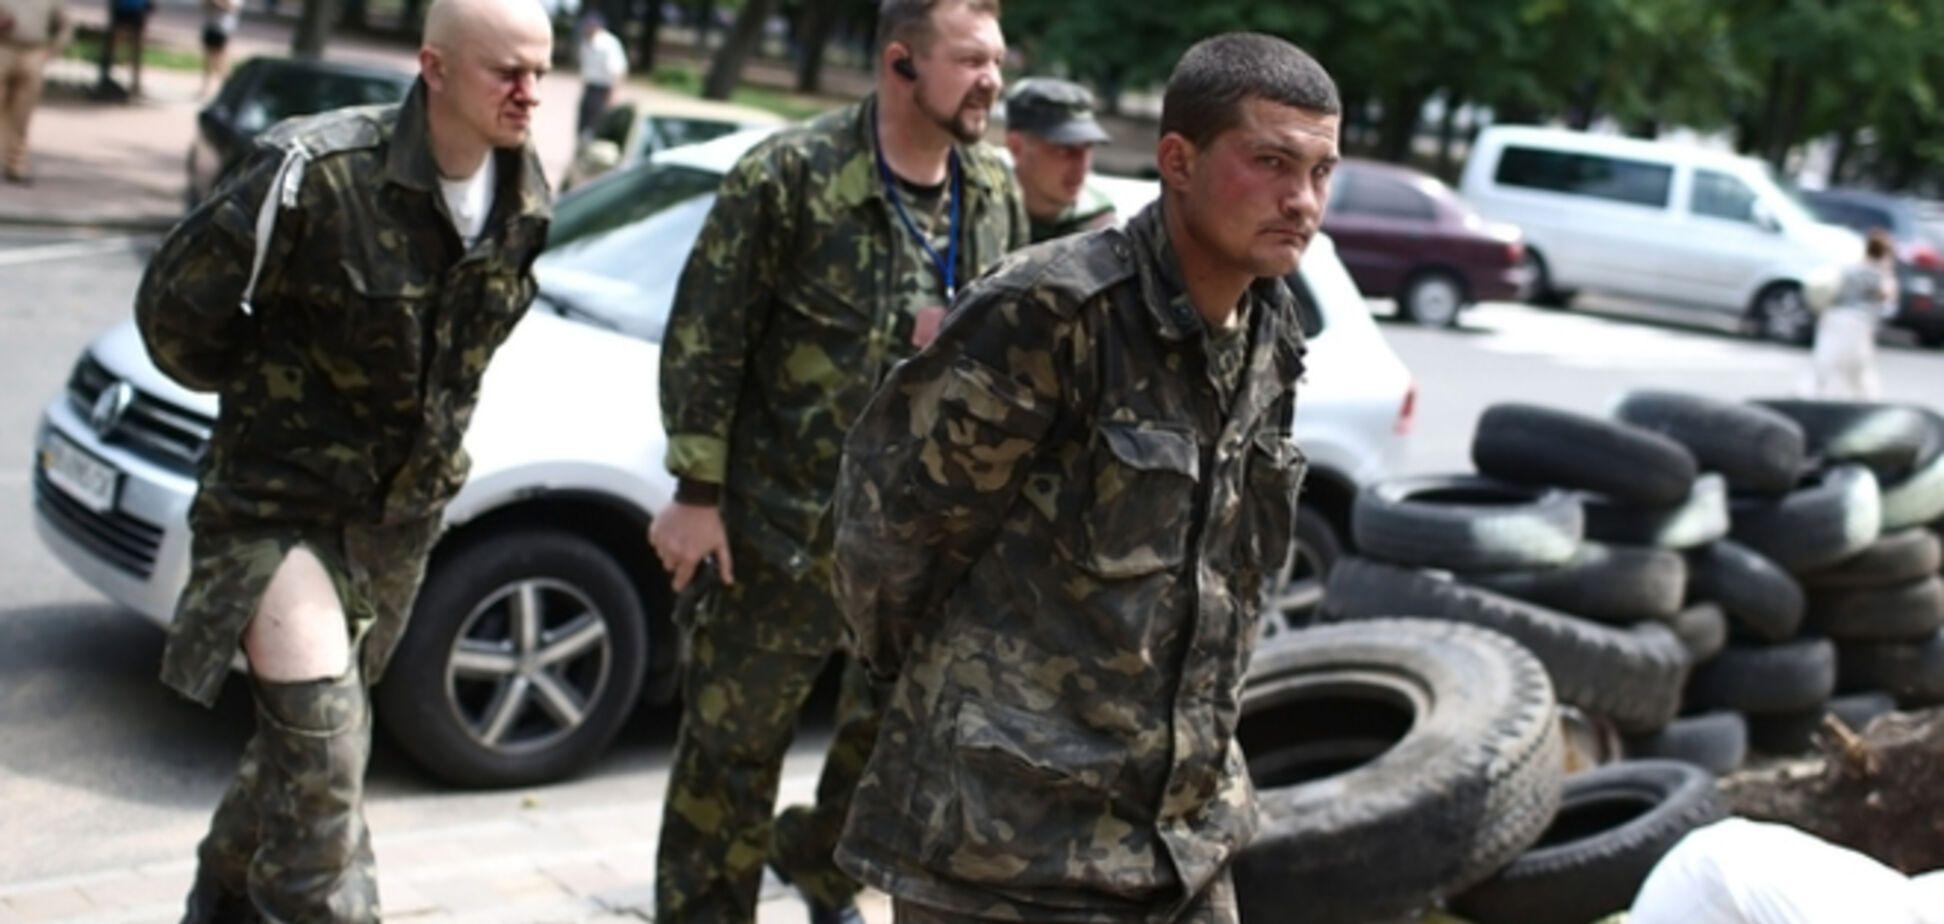 Порошенко рассказал о 30 освобожденных из плена украинских военных